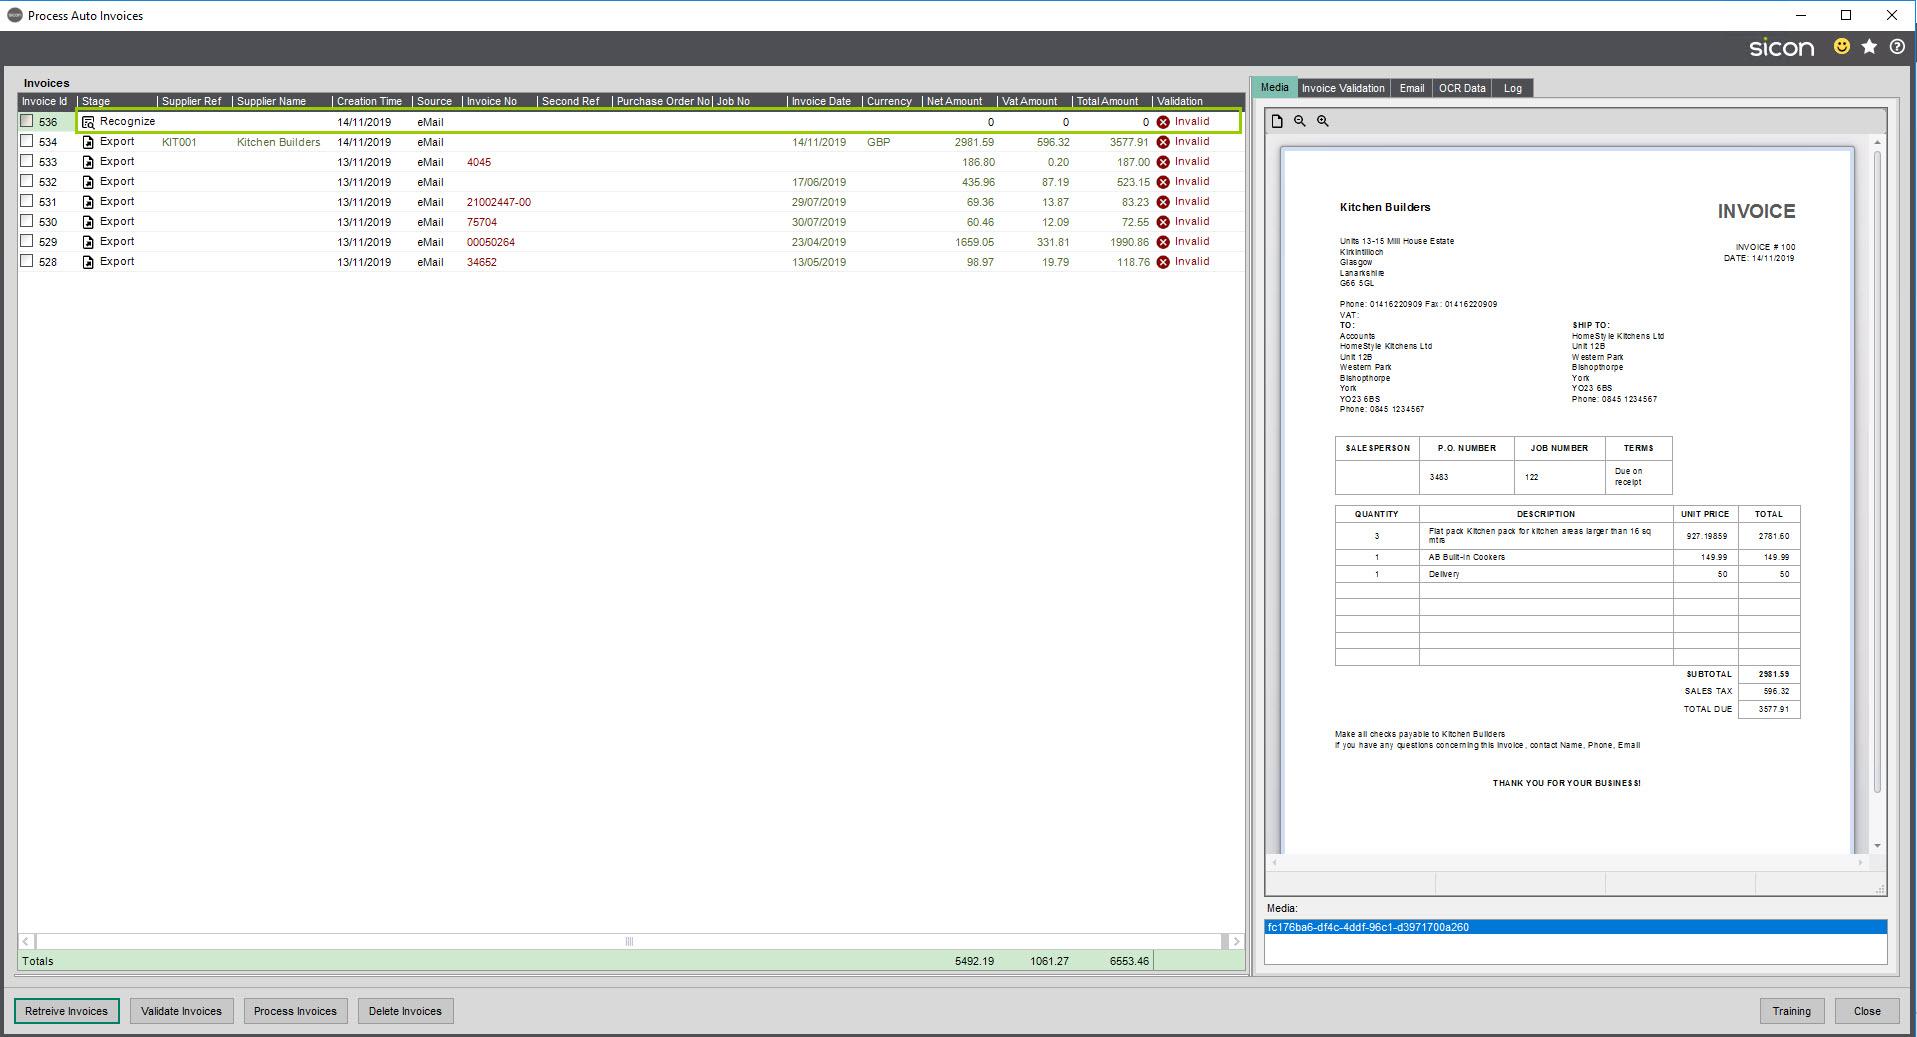 Sicon Documents Auto Invoice -Update Supplier 3